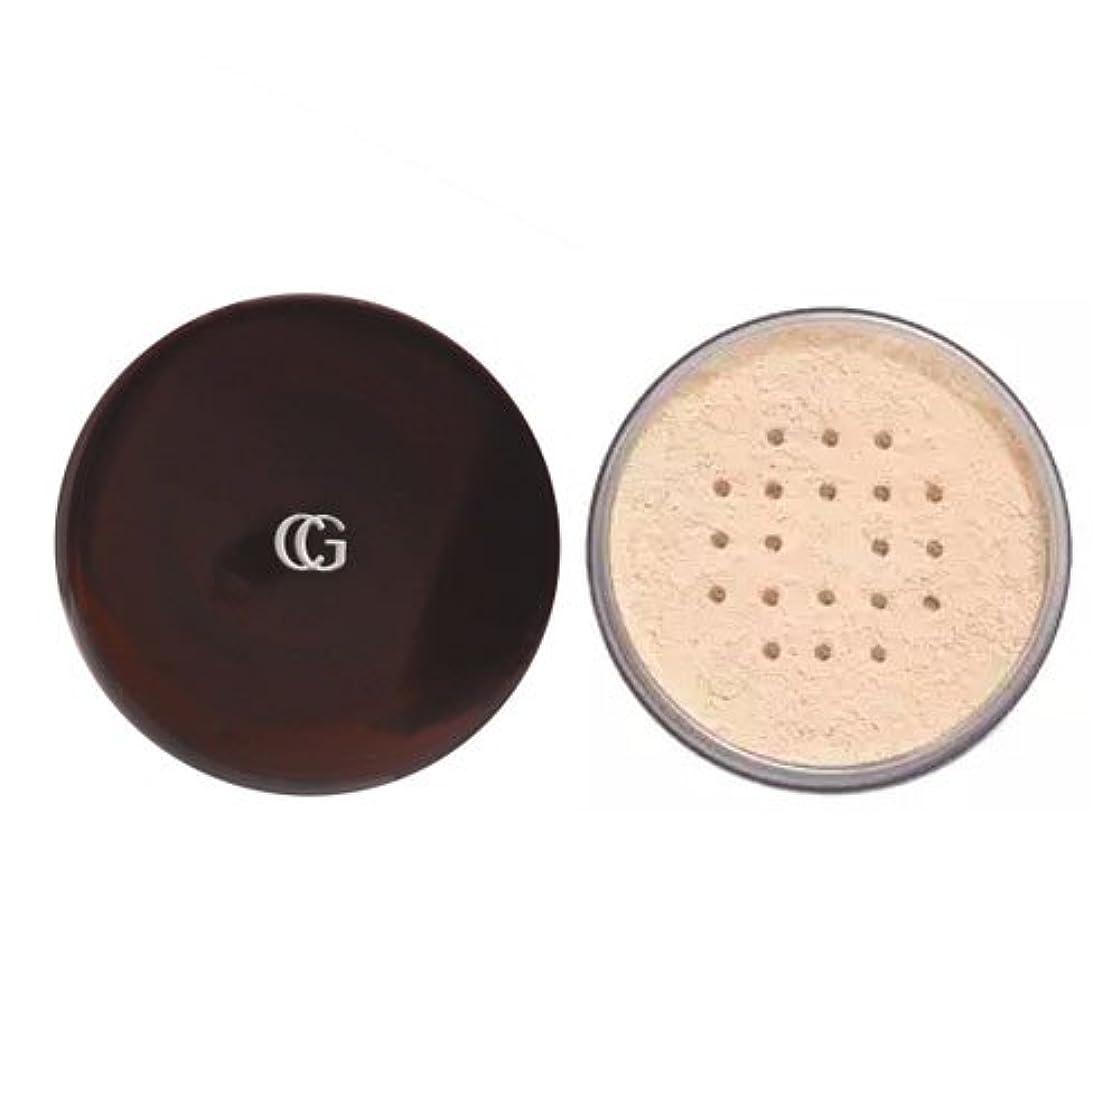 会社ユーモラス利益(3 Pack) COVERGIRL Professional Loose Powder - Translucent Fair 105 (並行輸入品)